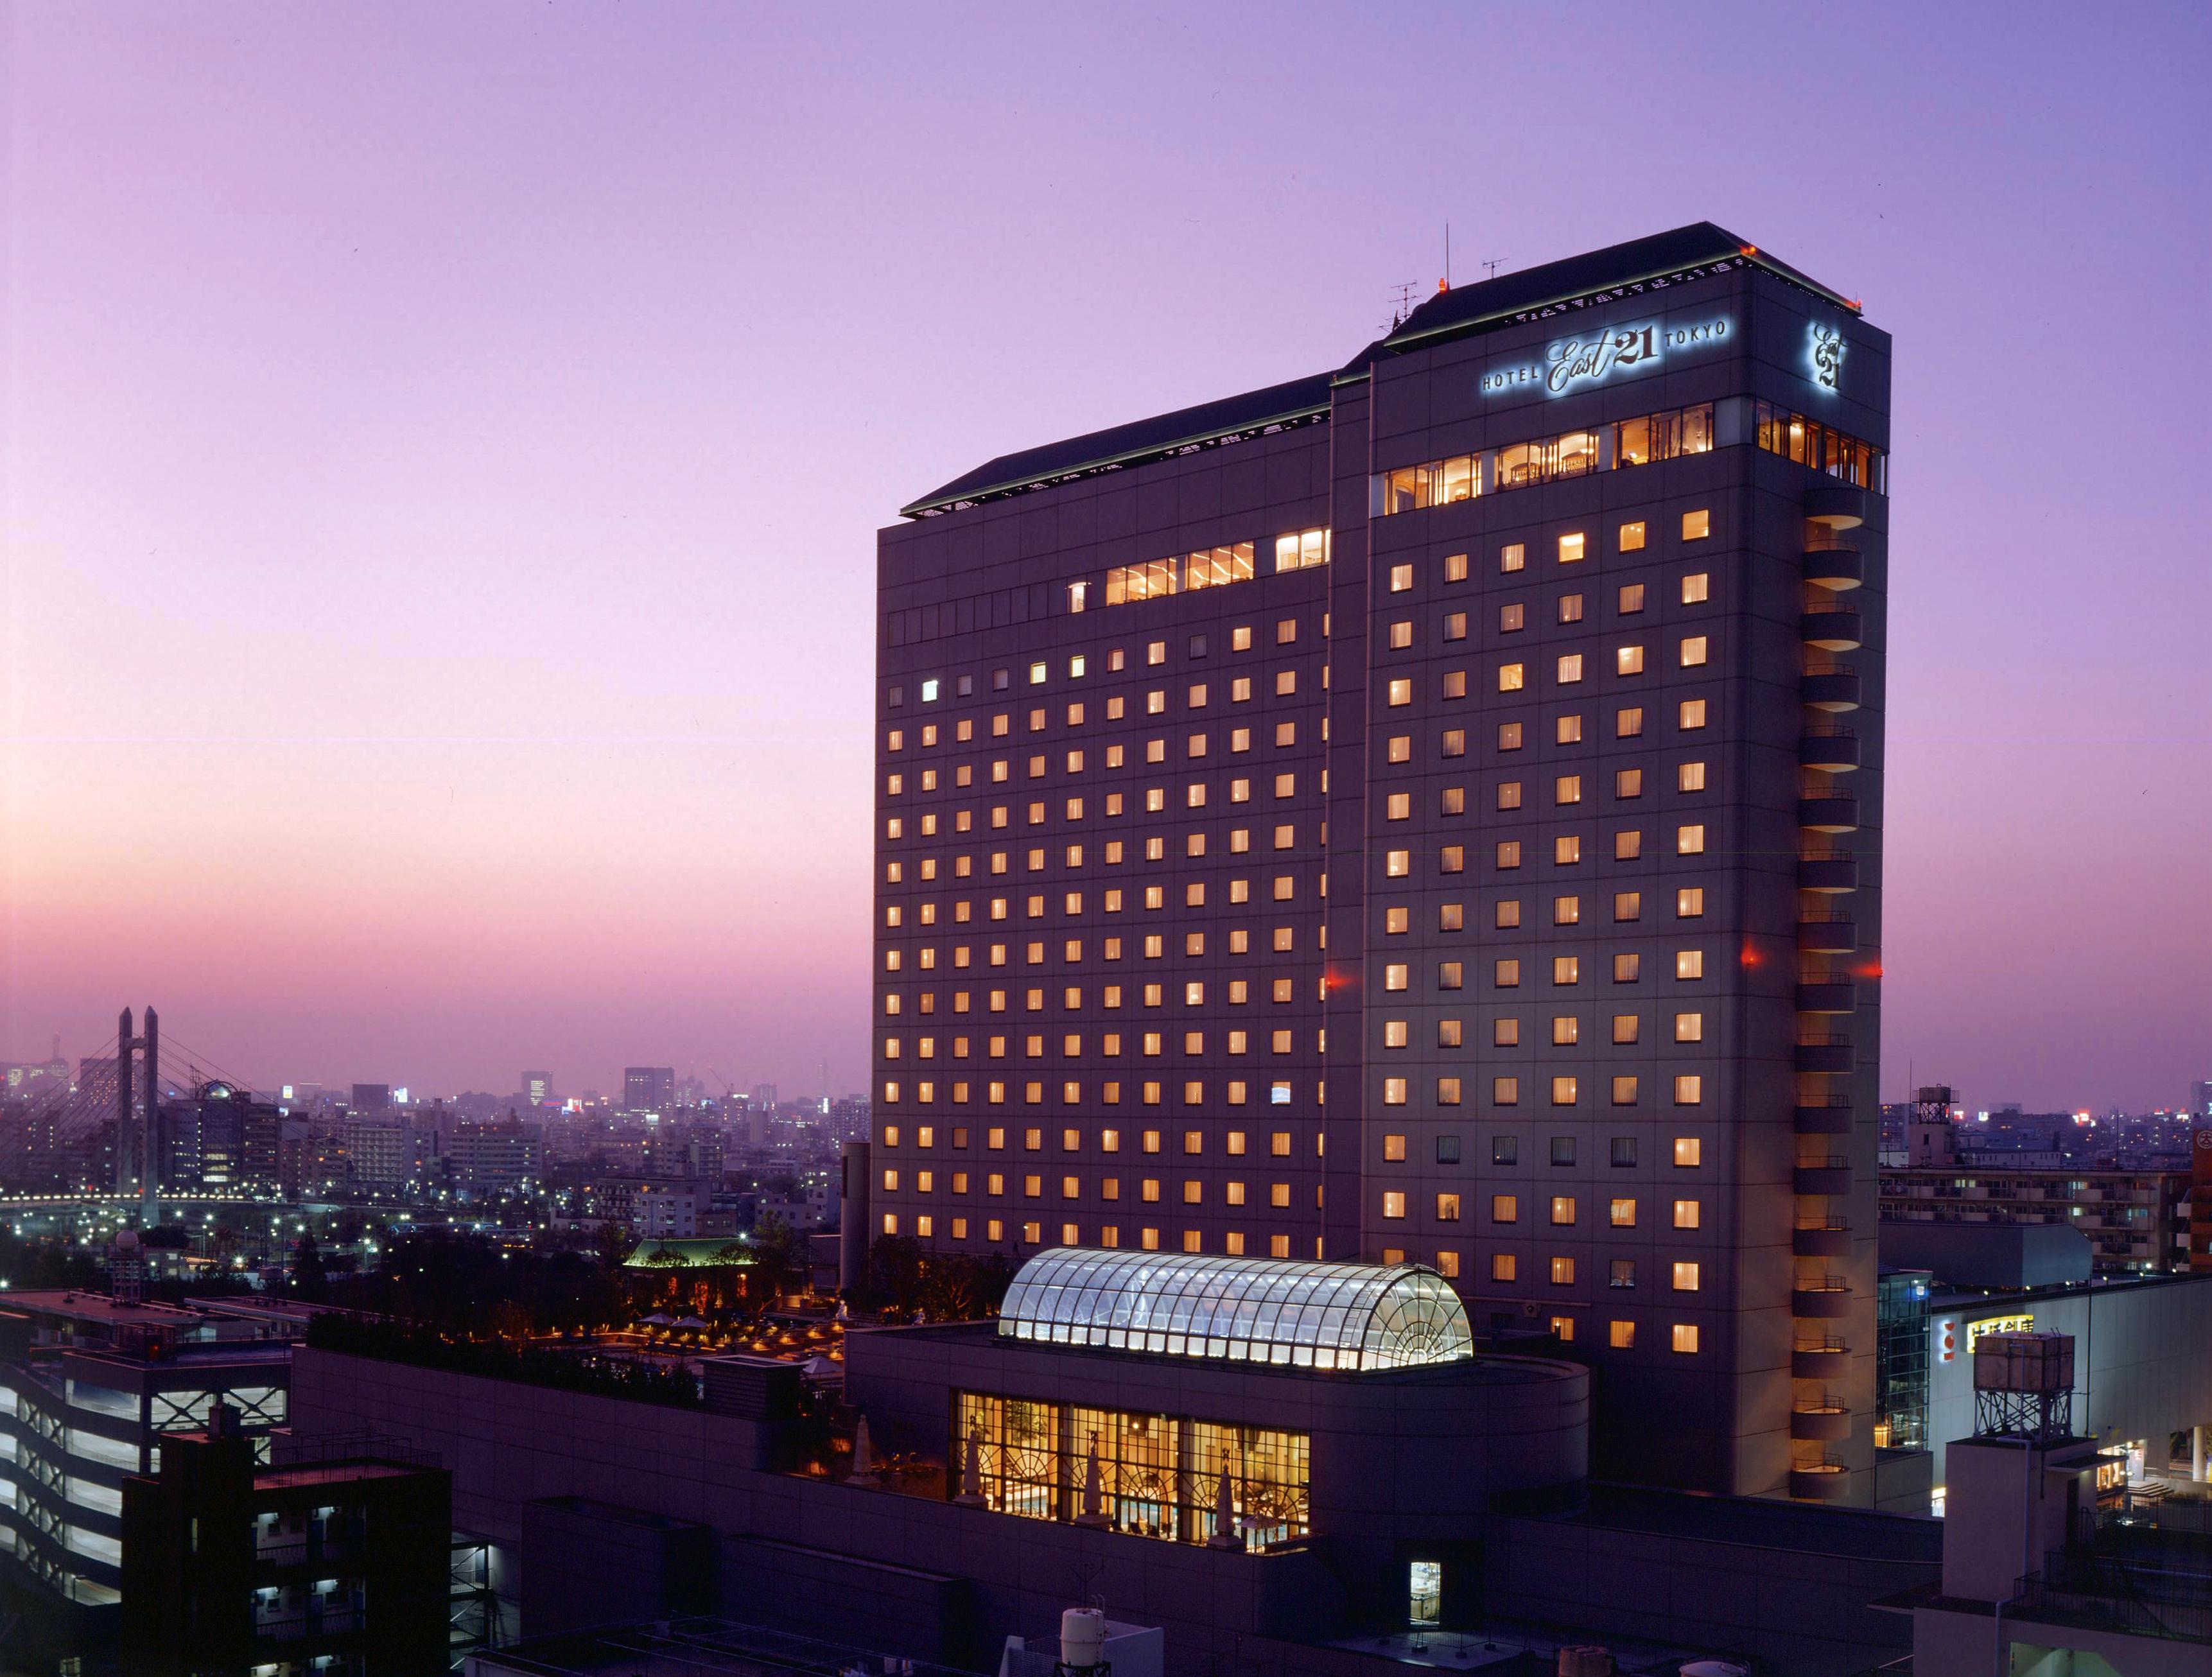 ホテルイースト21東京~オークラホテルズ&リゾーツ~